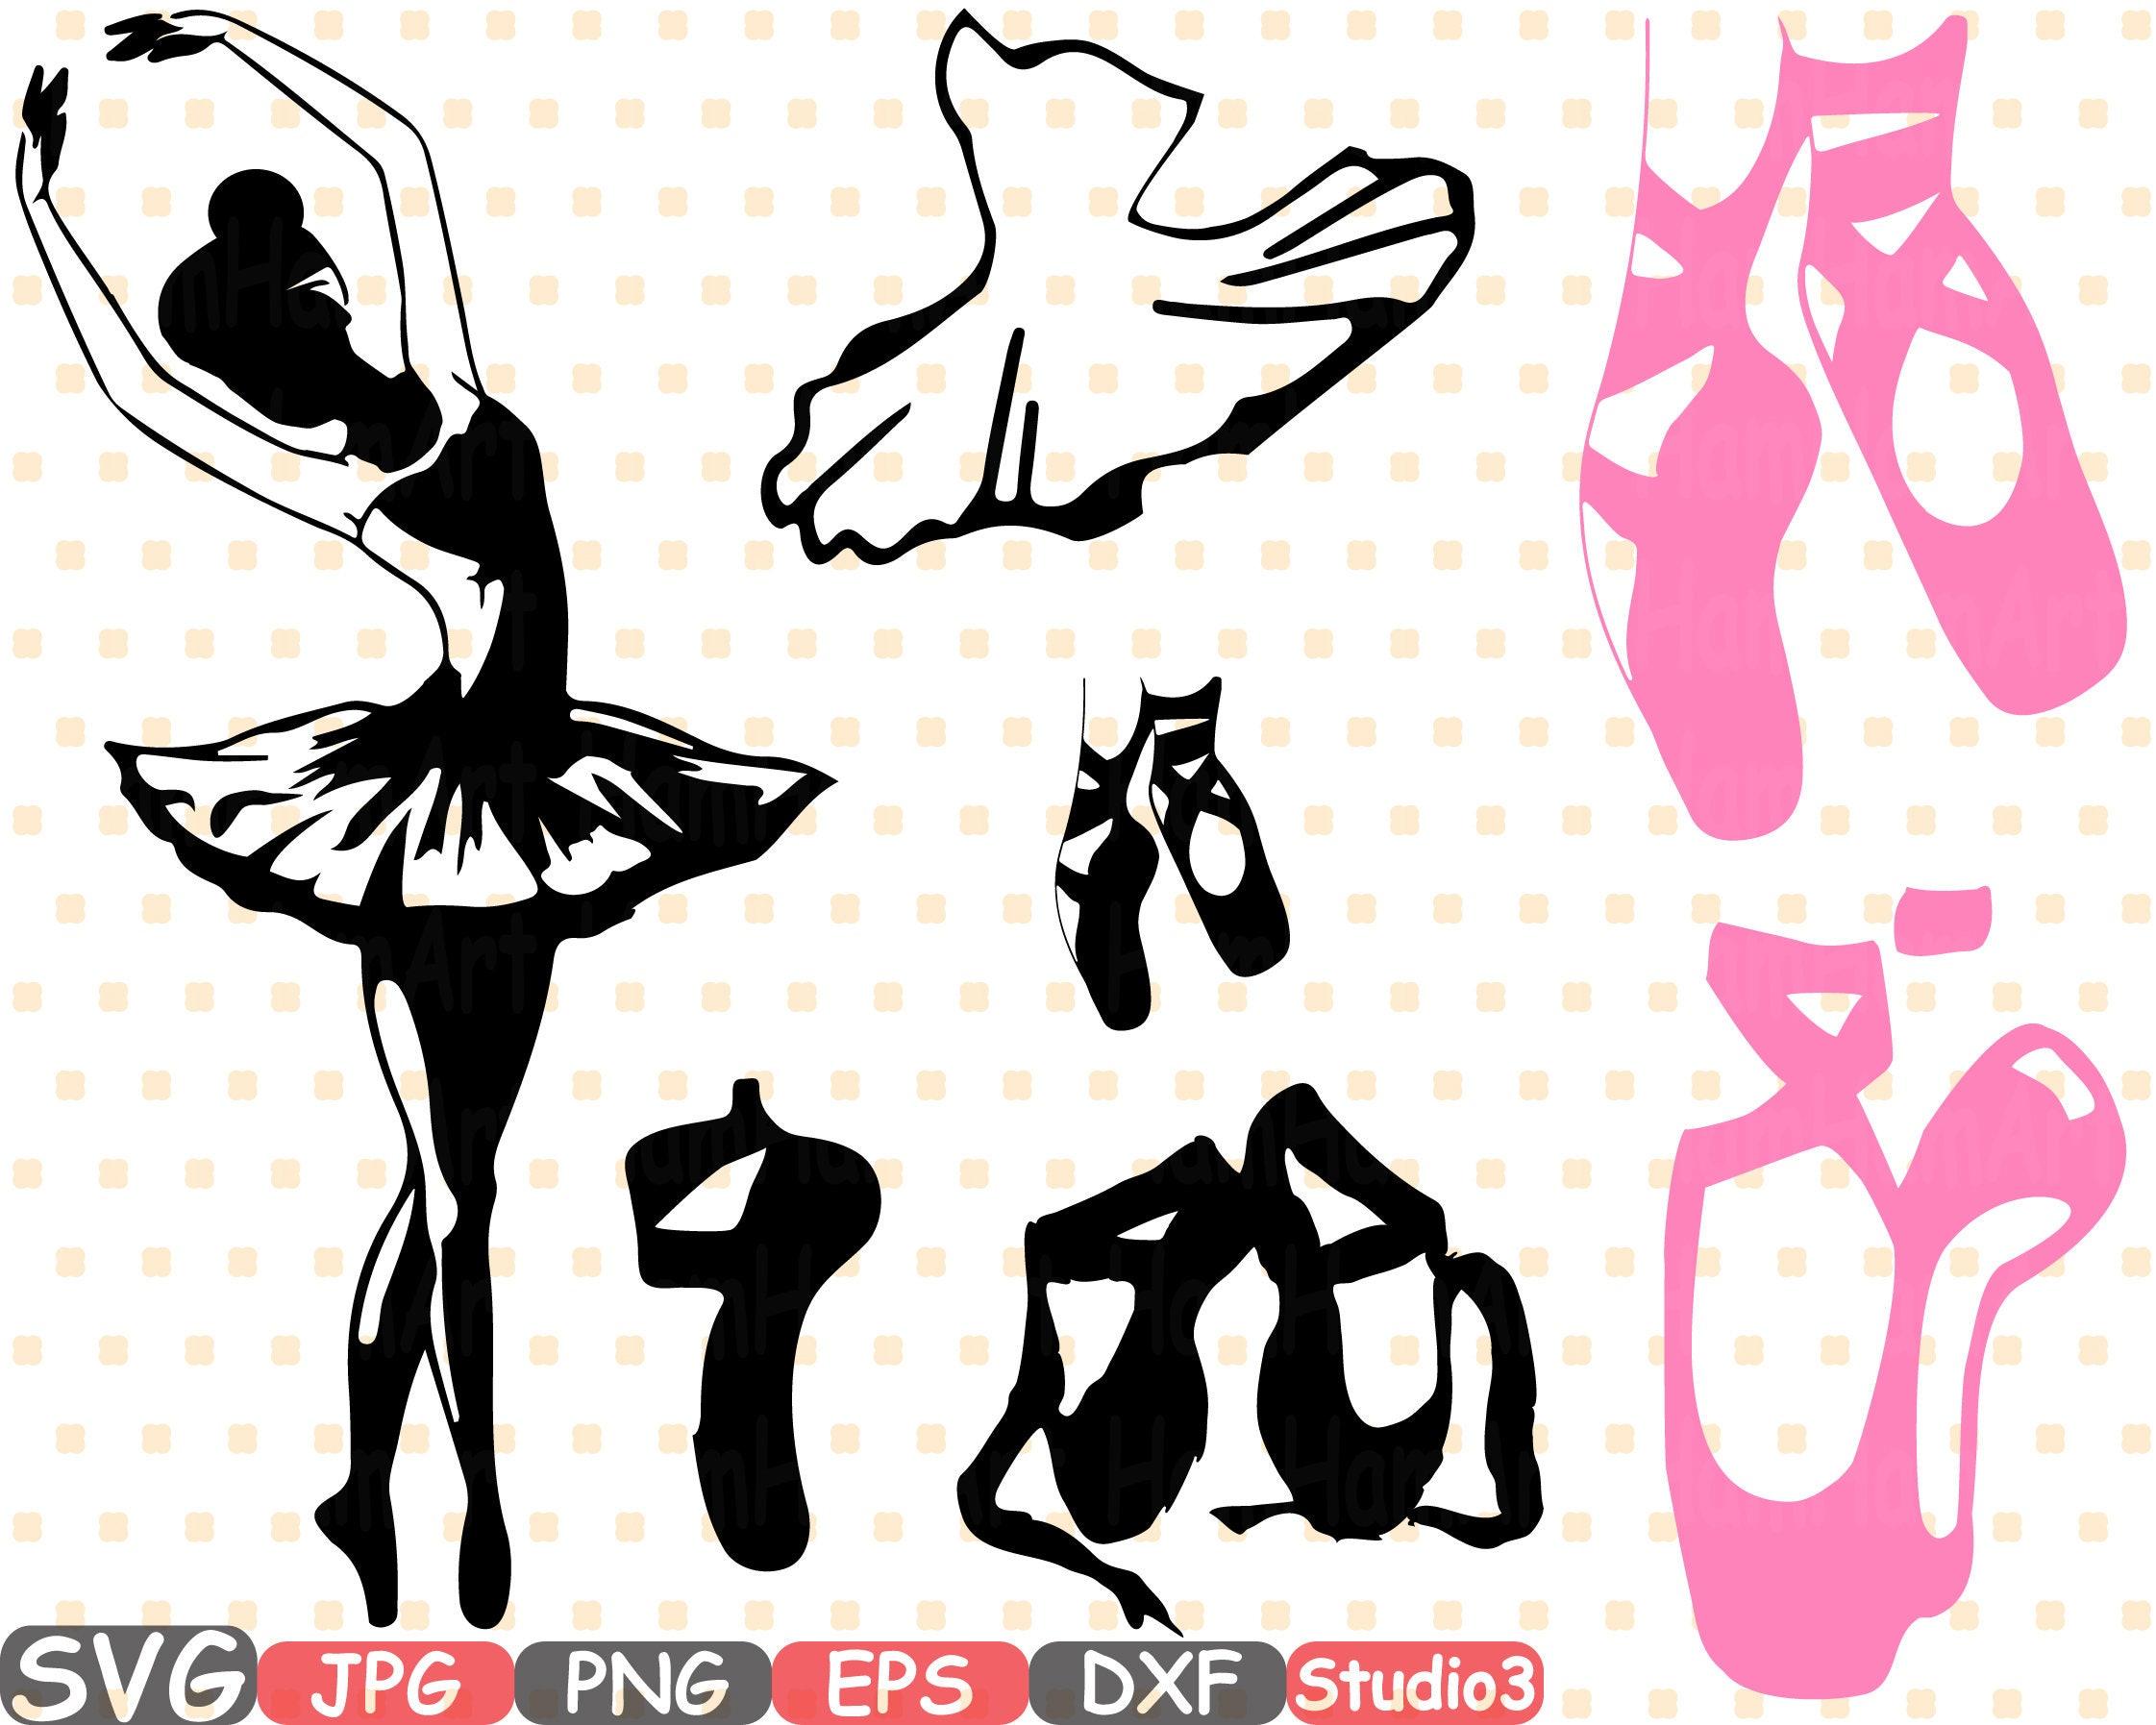 Ballet Bailarina SVG Silueta Corte Archivos Muestra Los Iconos